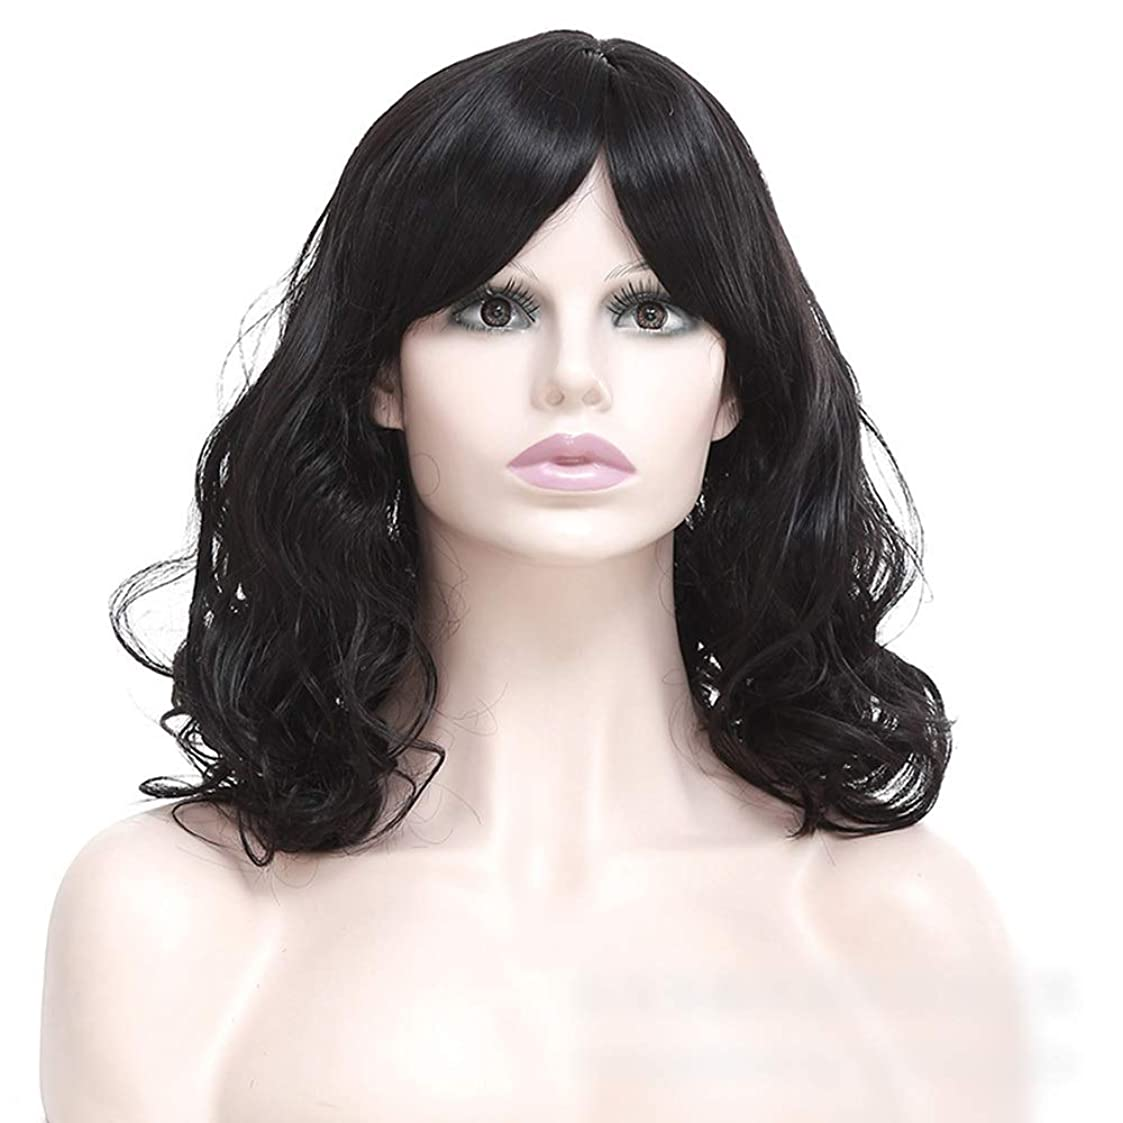 サイレンクロス安全でないWASAIO 女性の短い巻き毛のかつら髪黒ふわふわの短い巻き毛 (色 : 黒)